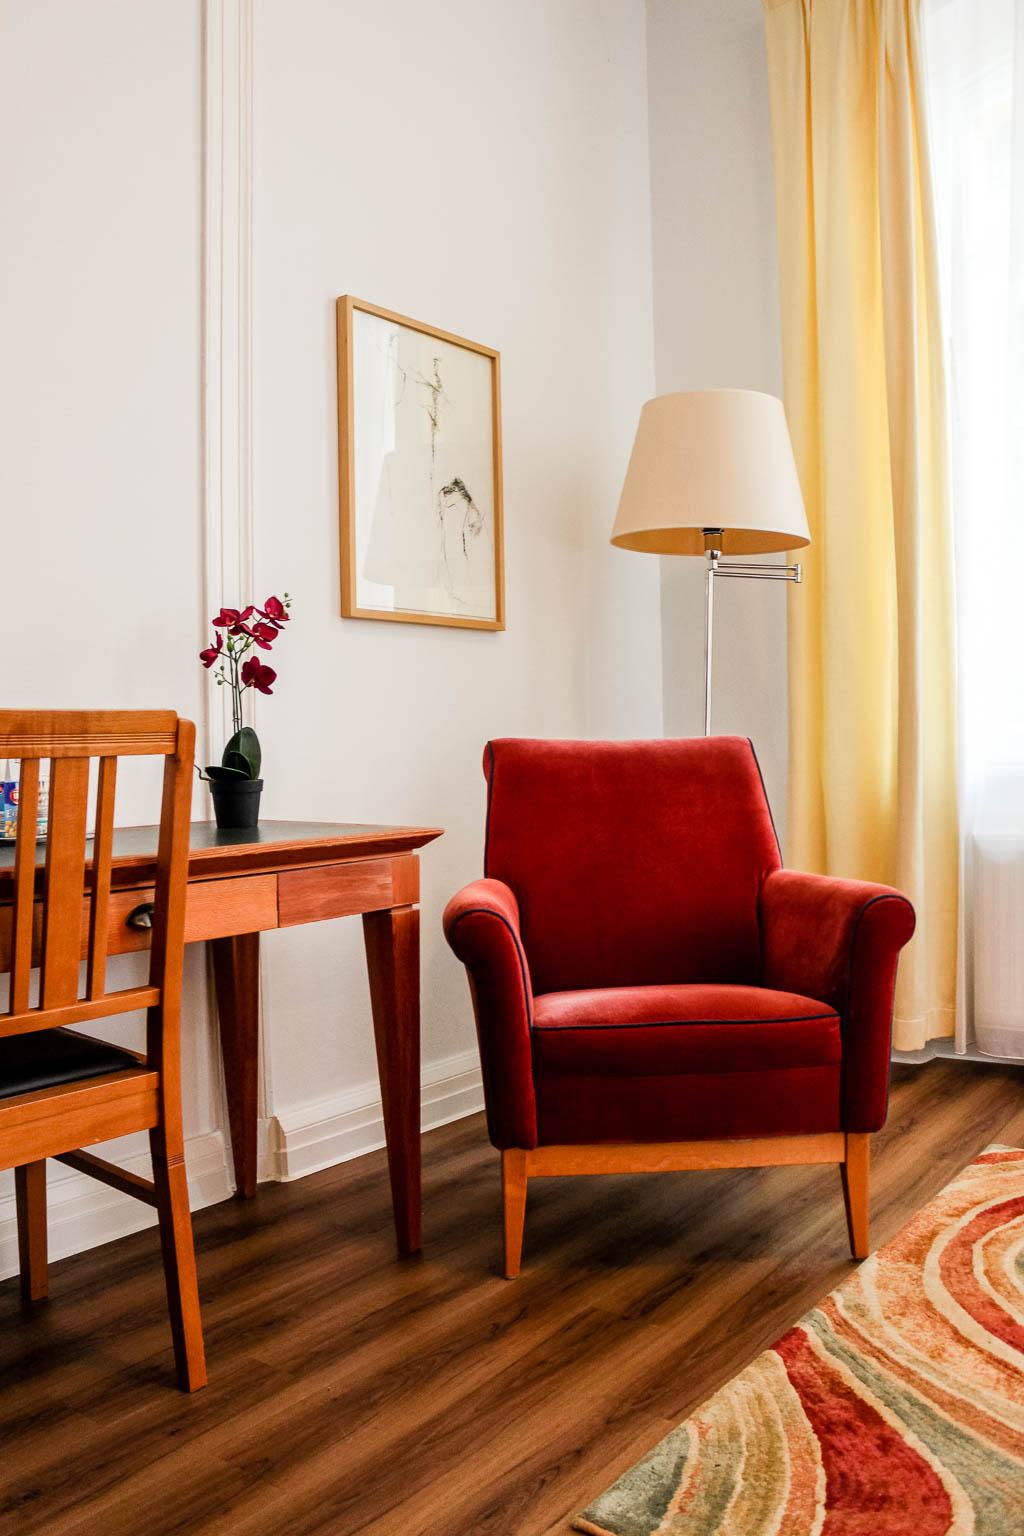 Hotel Vierseithof Luckenwalde Urlaub in Brandenburg